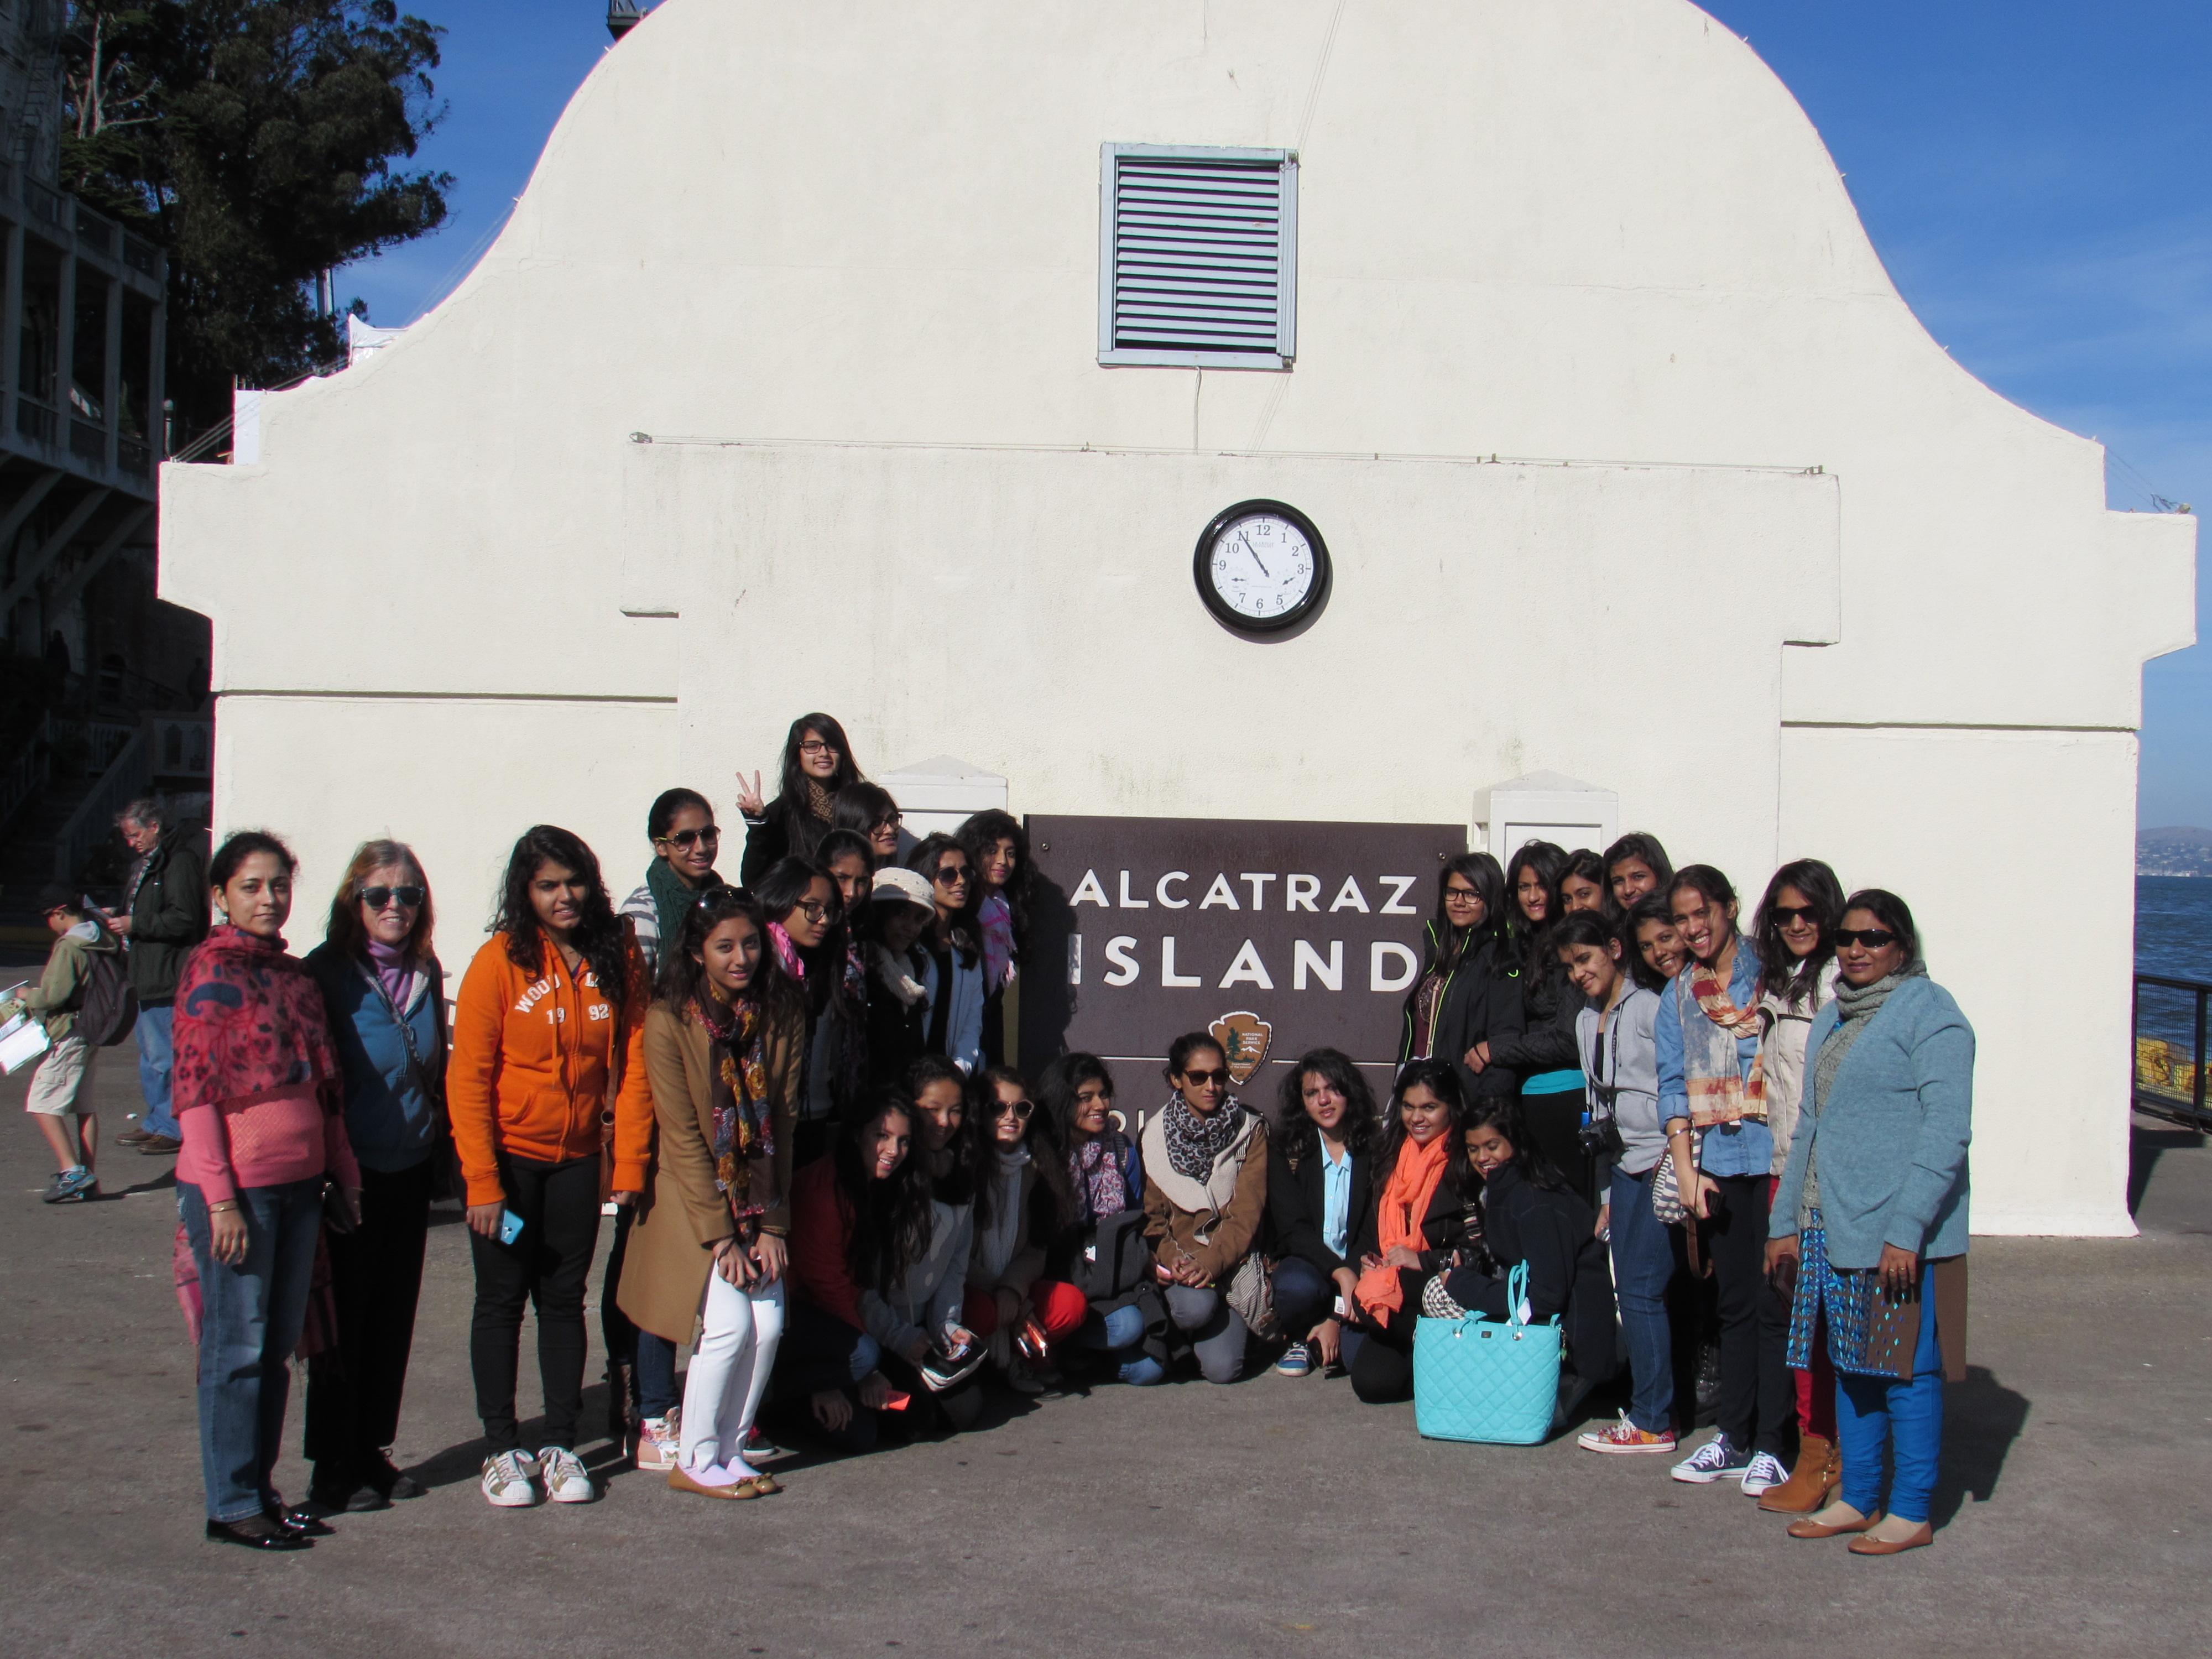 Mayo's Delegation at Alcatraz Island